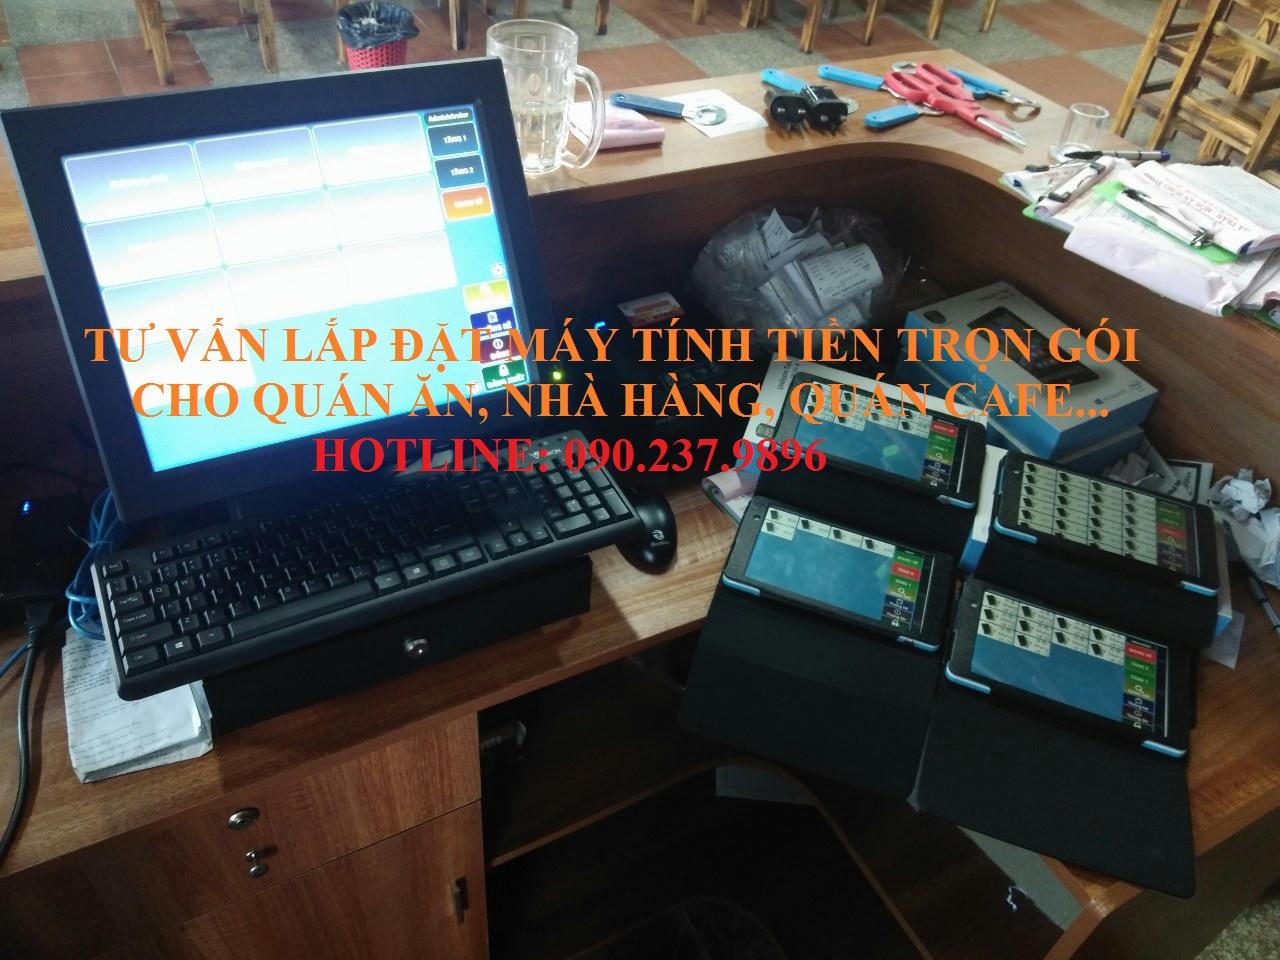 Bán máy tính tiền cho quán cafe giá rẻ tại Bình Dương